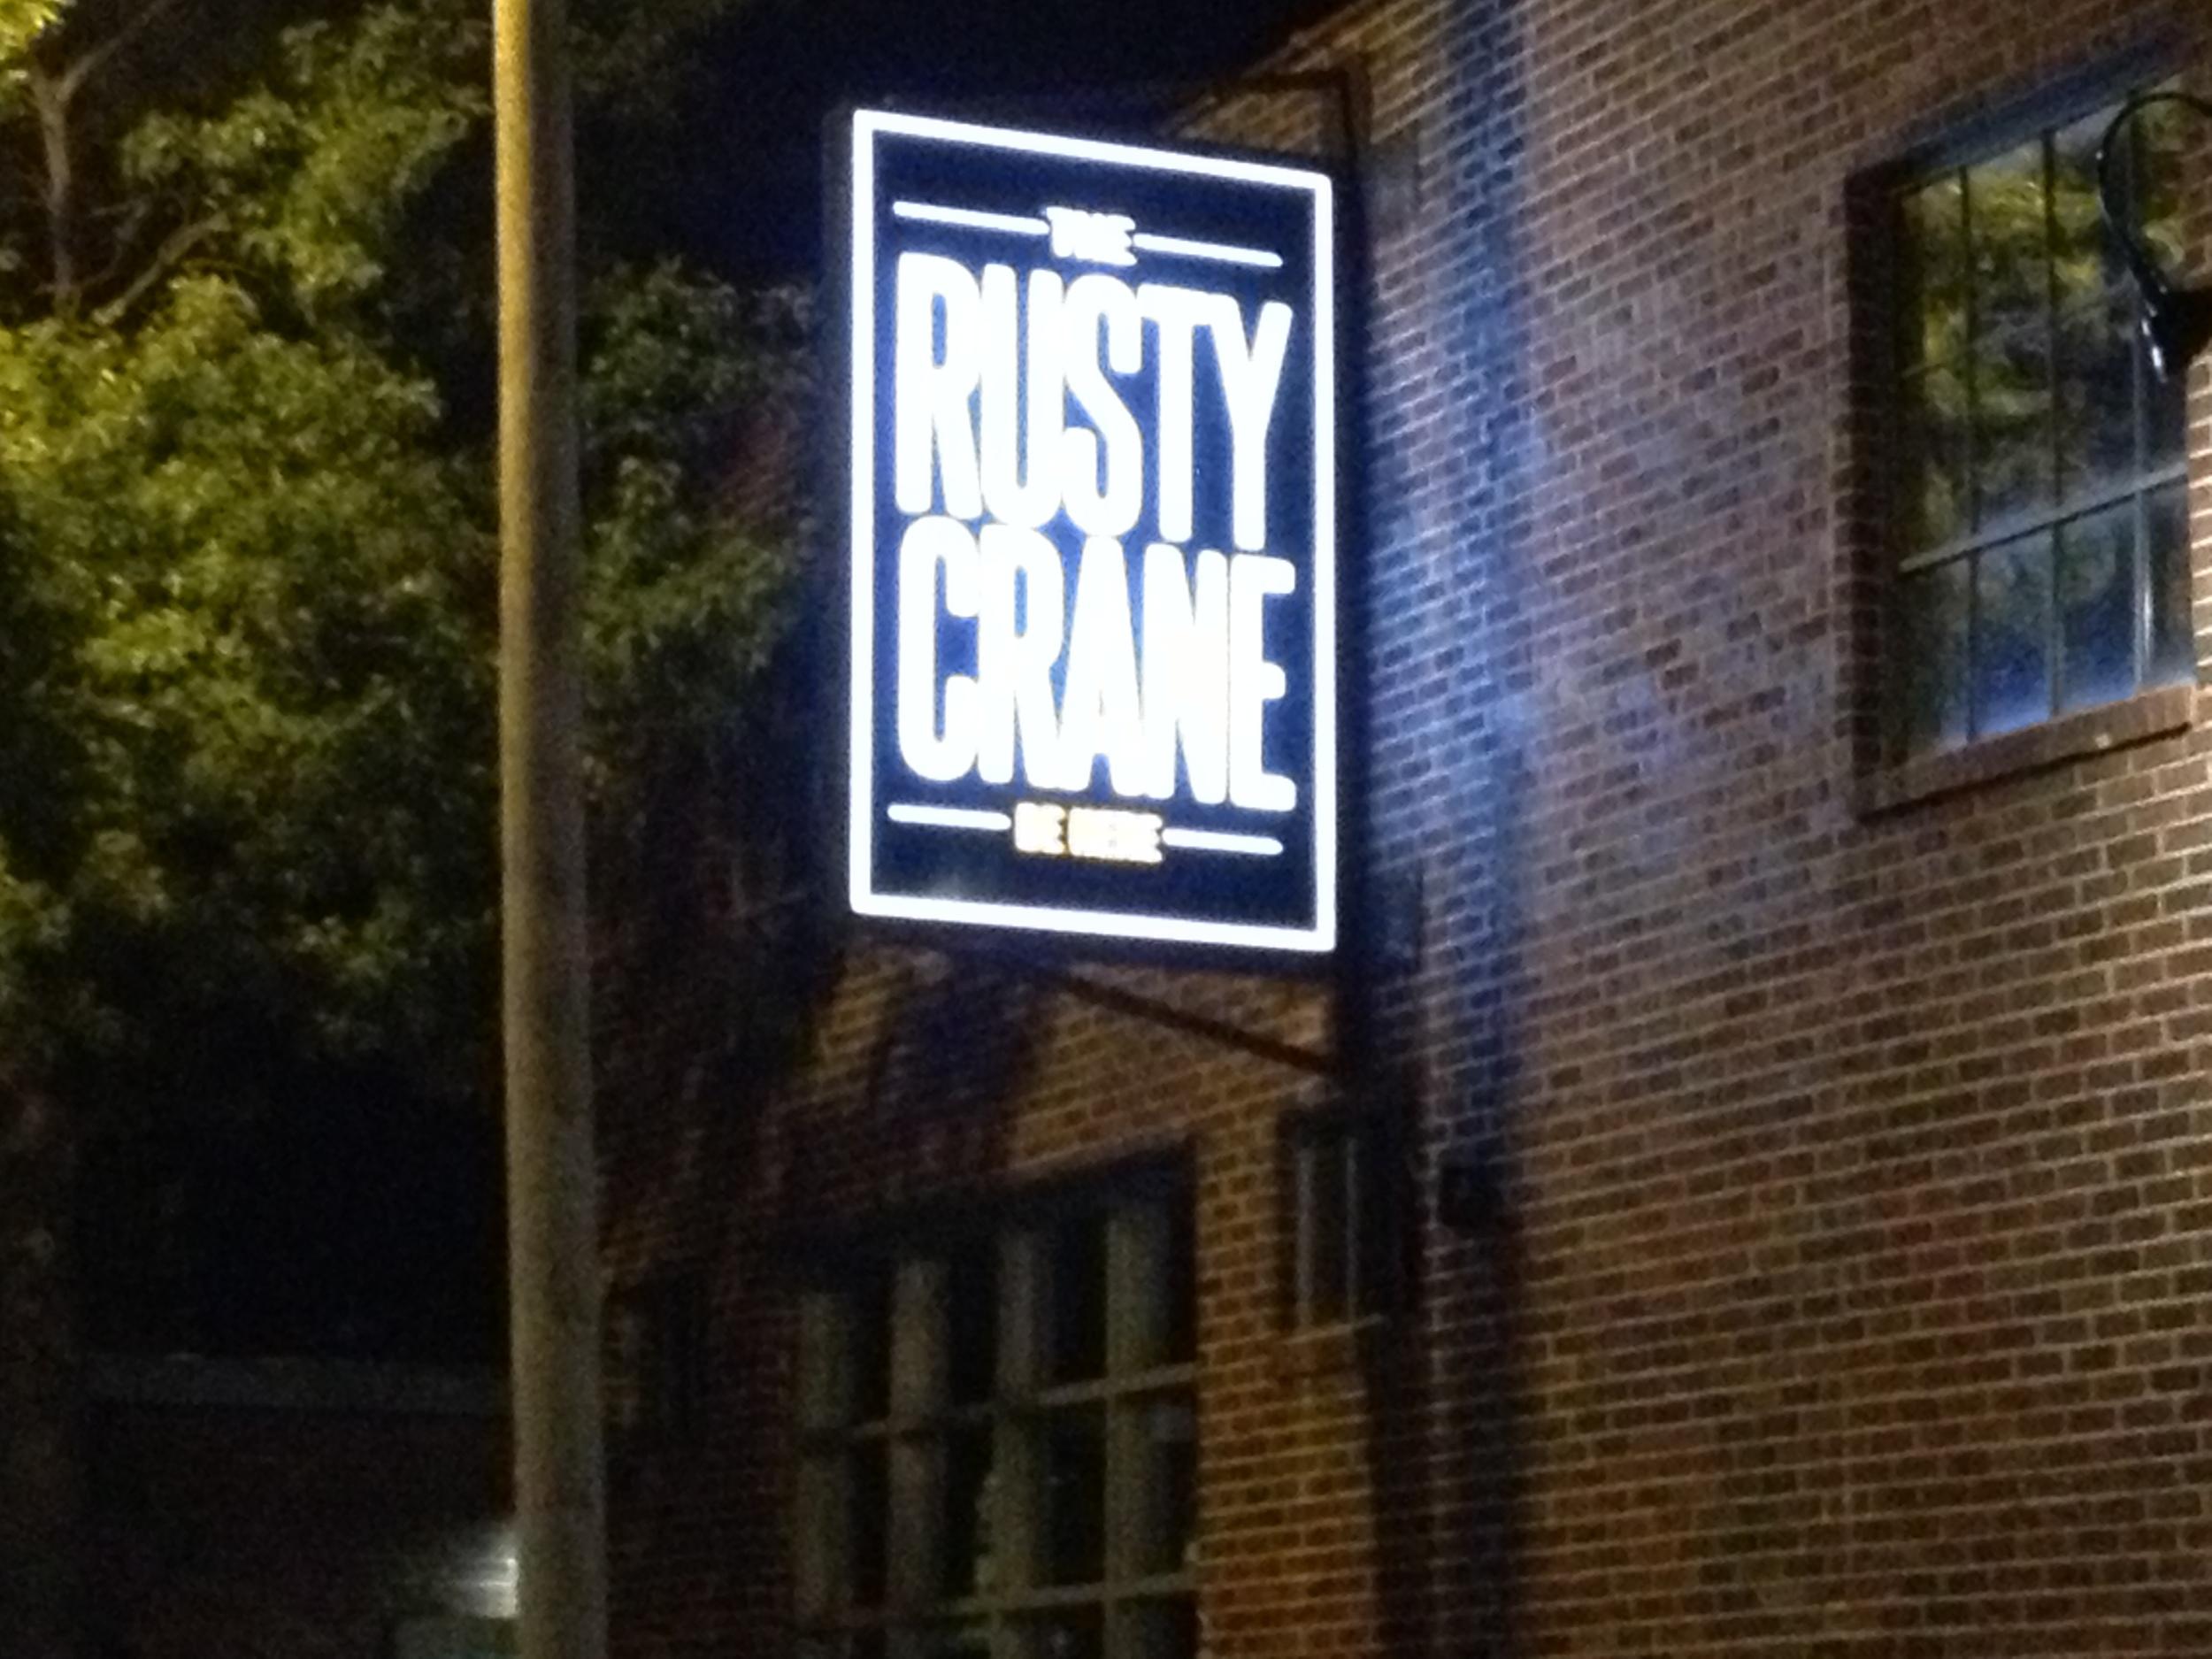 Rusty Crane in Downtown Tulsa